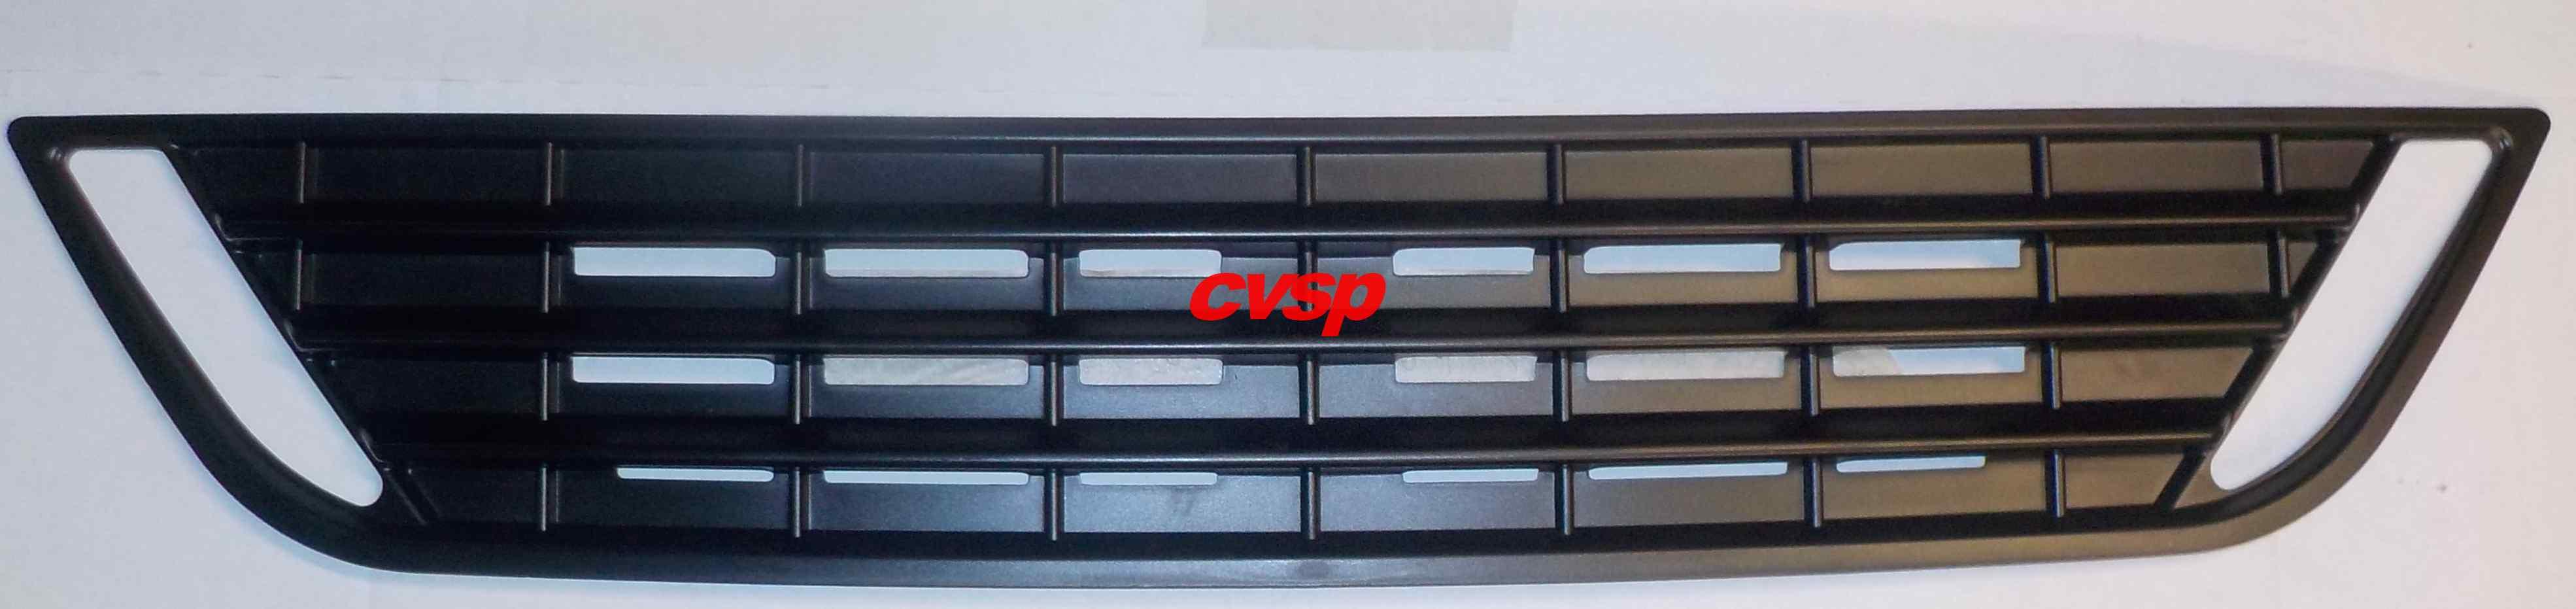 grille centrale spoiler perc e partir de 2010 2012 gamme impulsion pi ce d tach e. Black Bedroom Furniture Sets. Home Design Ideas